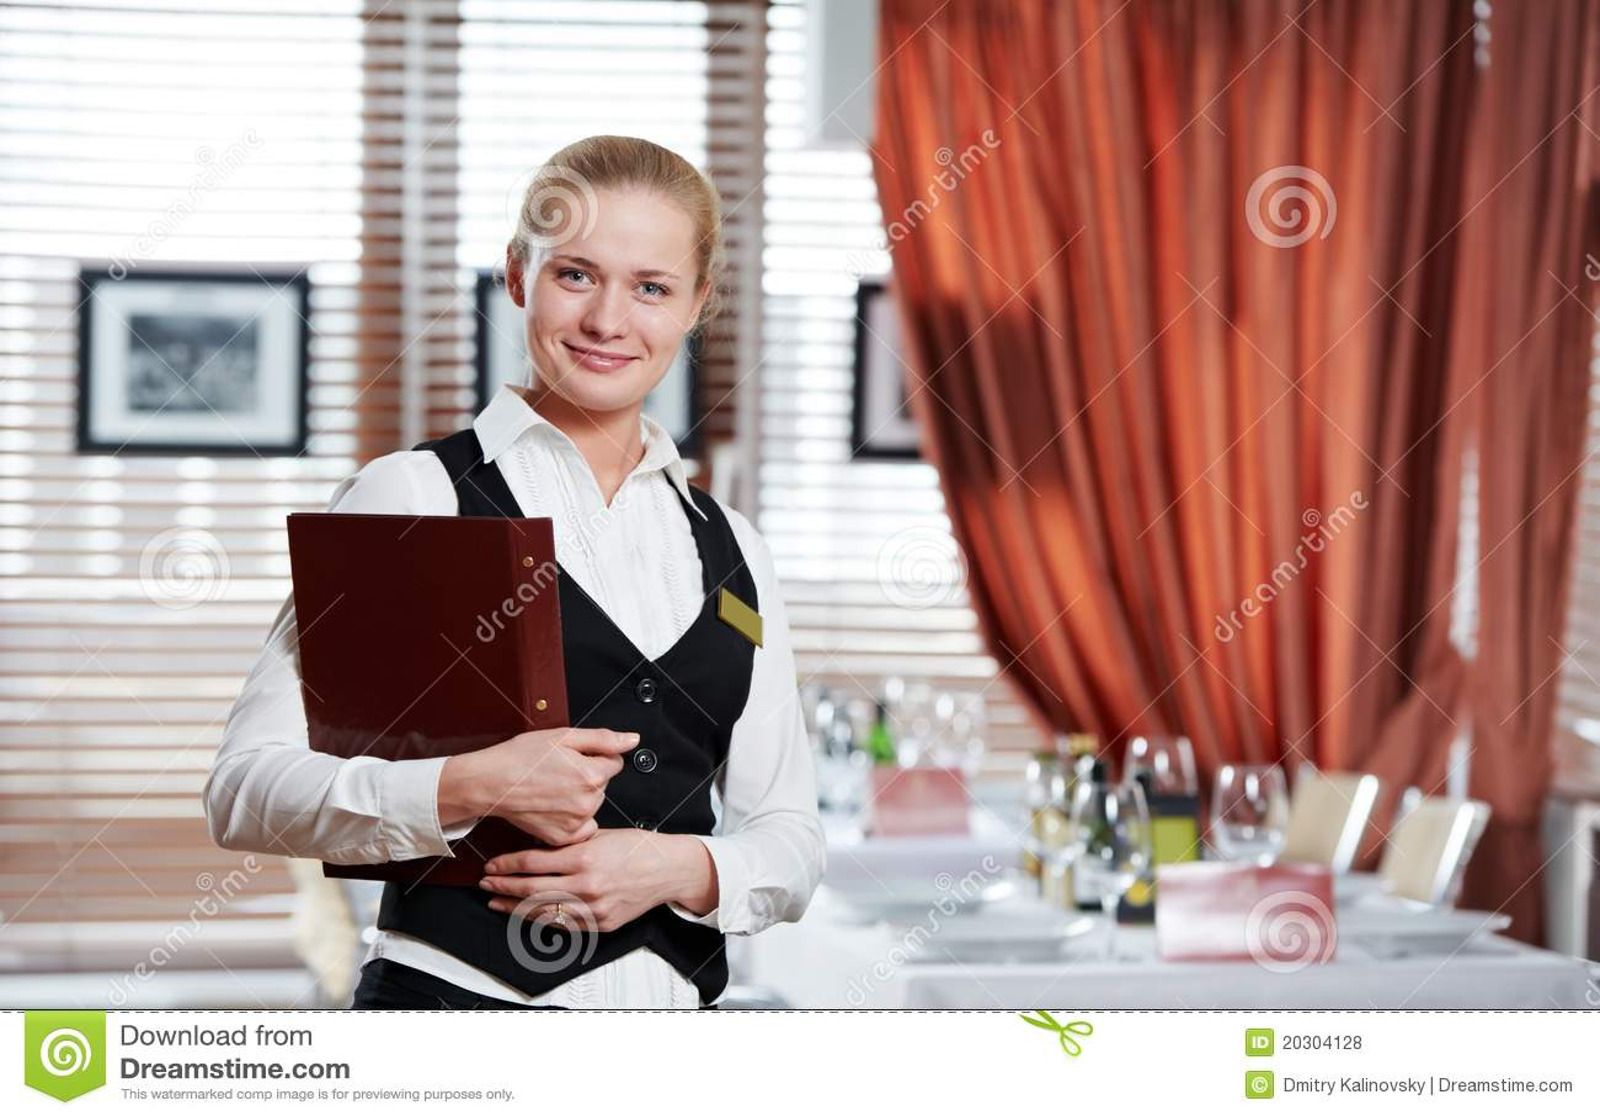 Рассказы о официантках 7 фотография